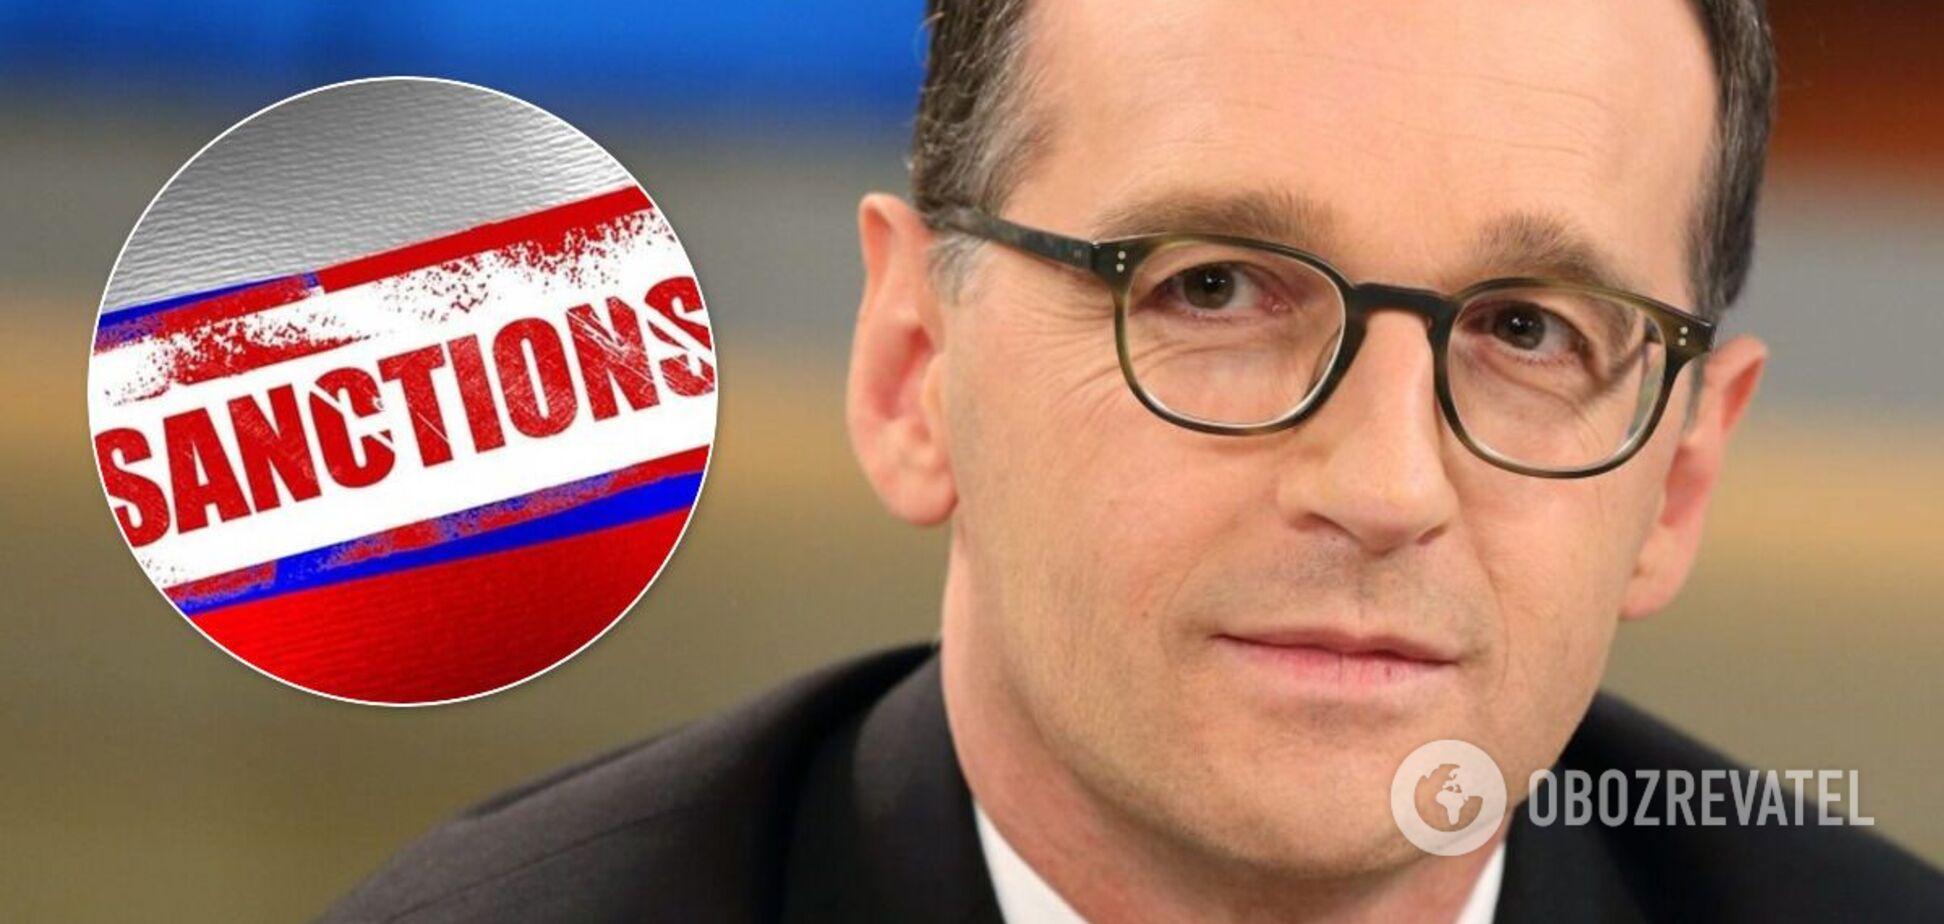 Хайко Маас озвучив умови введення санкцій через Навального